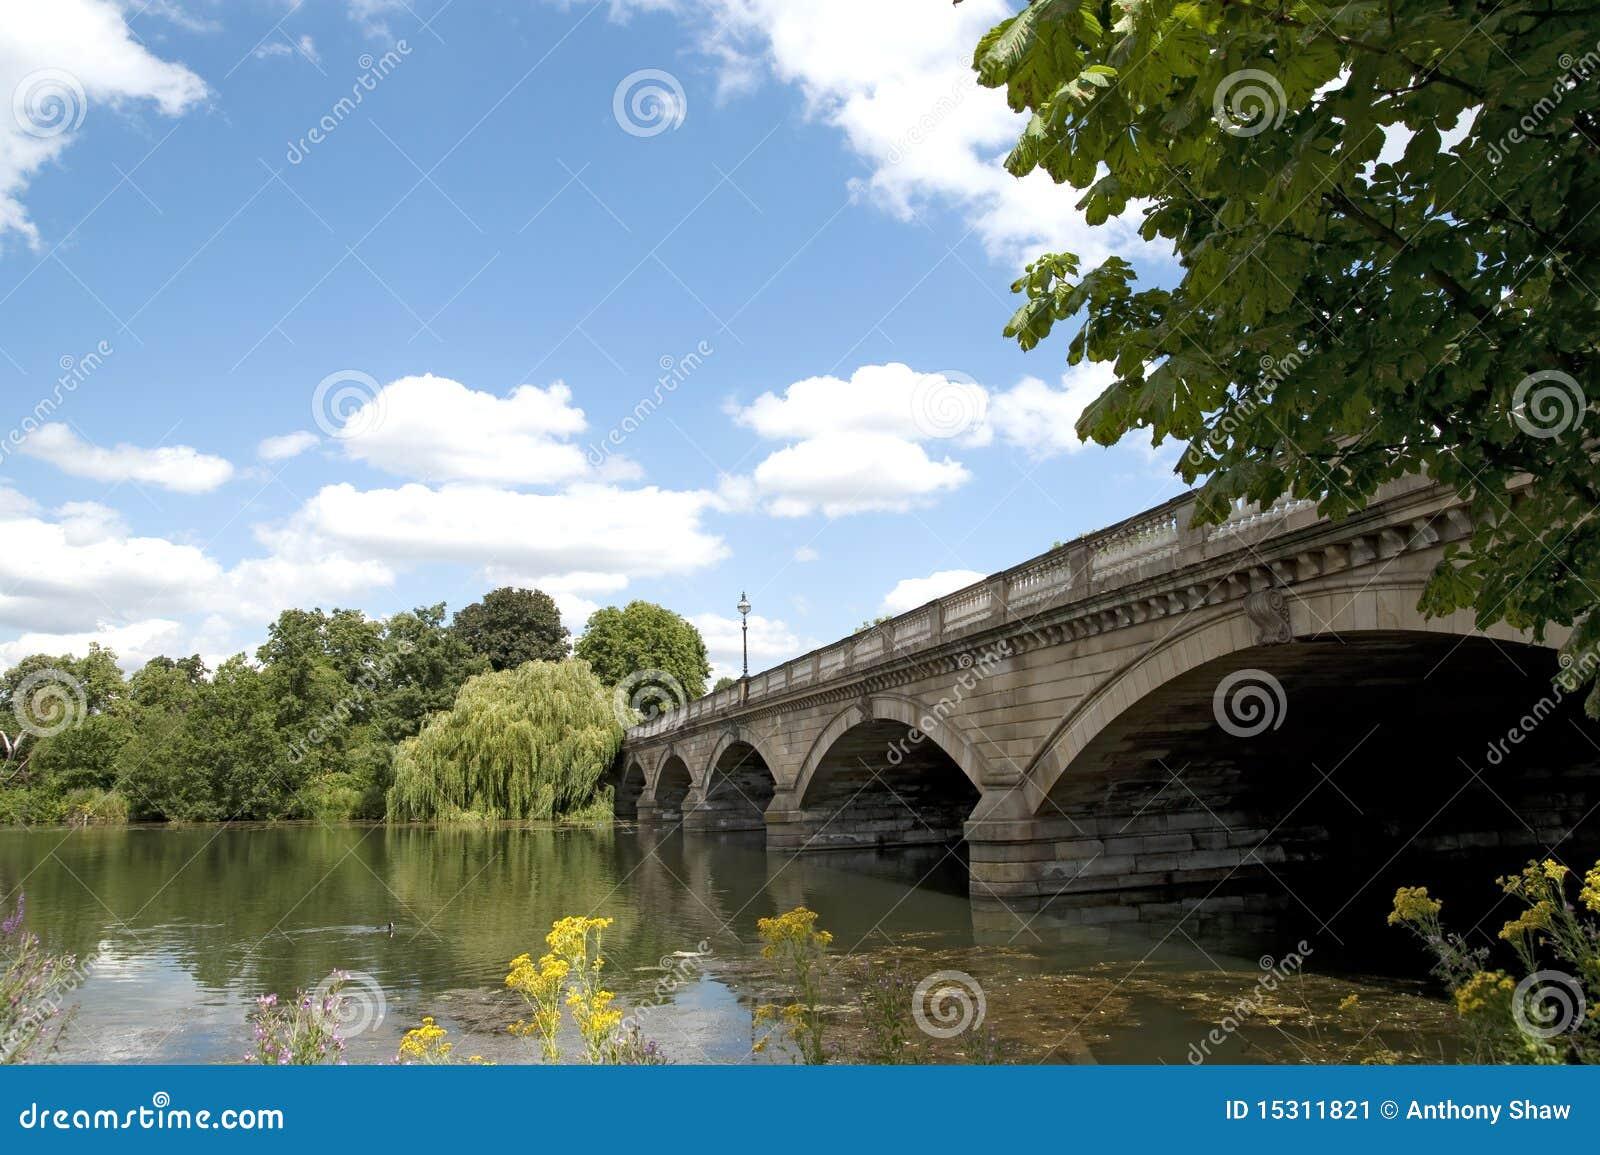 桥梁海德公园蛇纹石